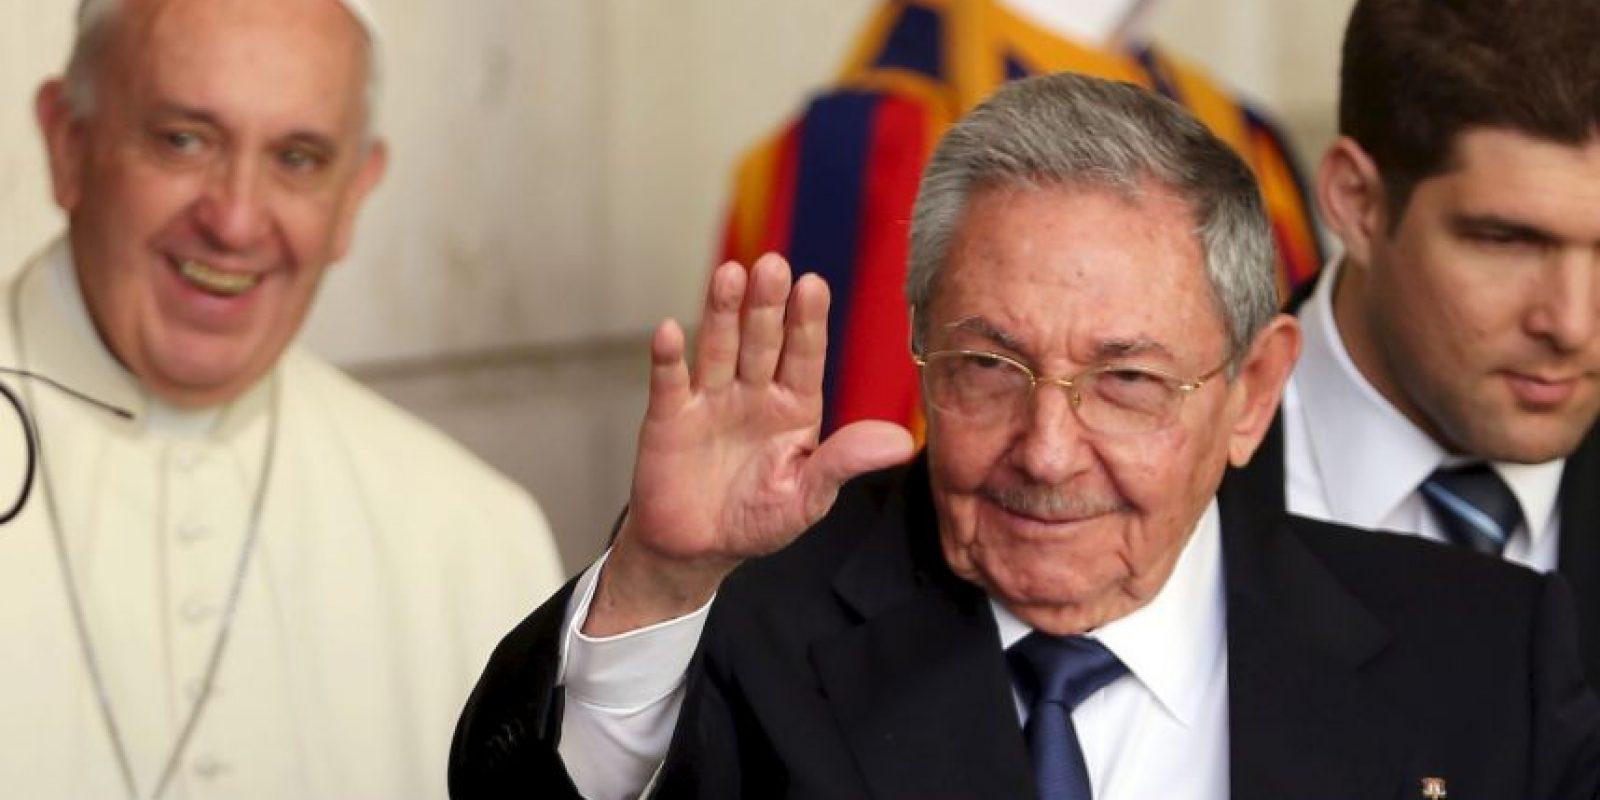 El pasado 17 de diciembre el presidente de Estados Unidos, Barack Obama y el presidente de Cuba Raúl Castro anunciaron que ambos países restablecerían sus relaciones diplomáticas. Foto:Getty Images